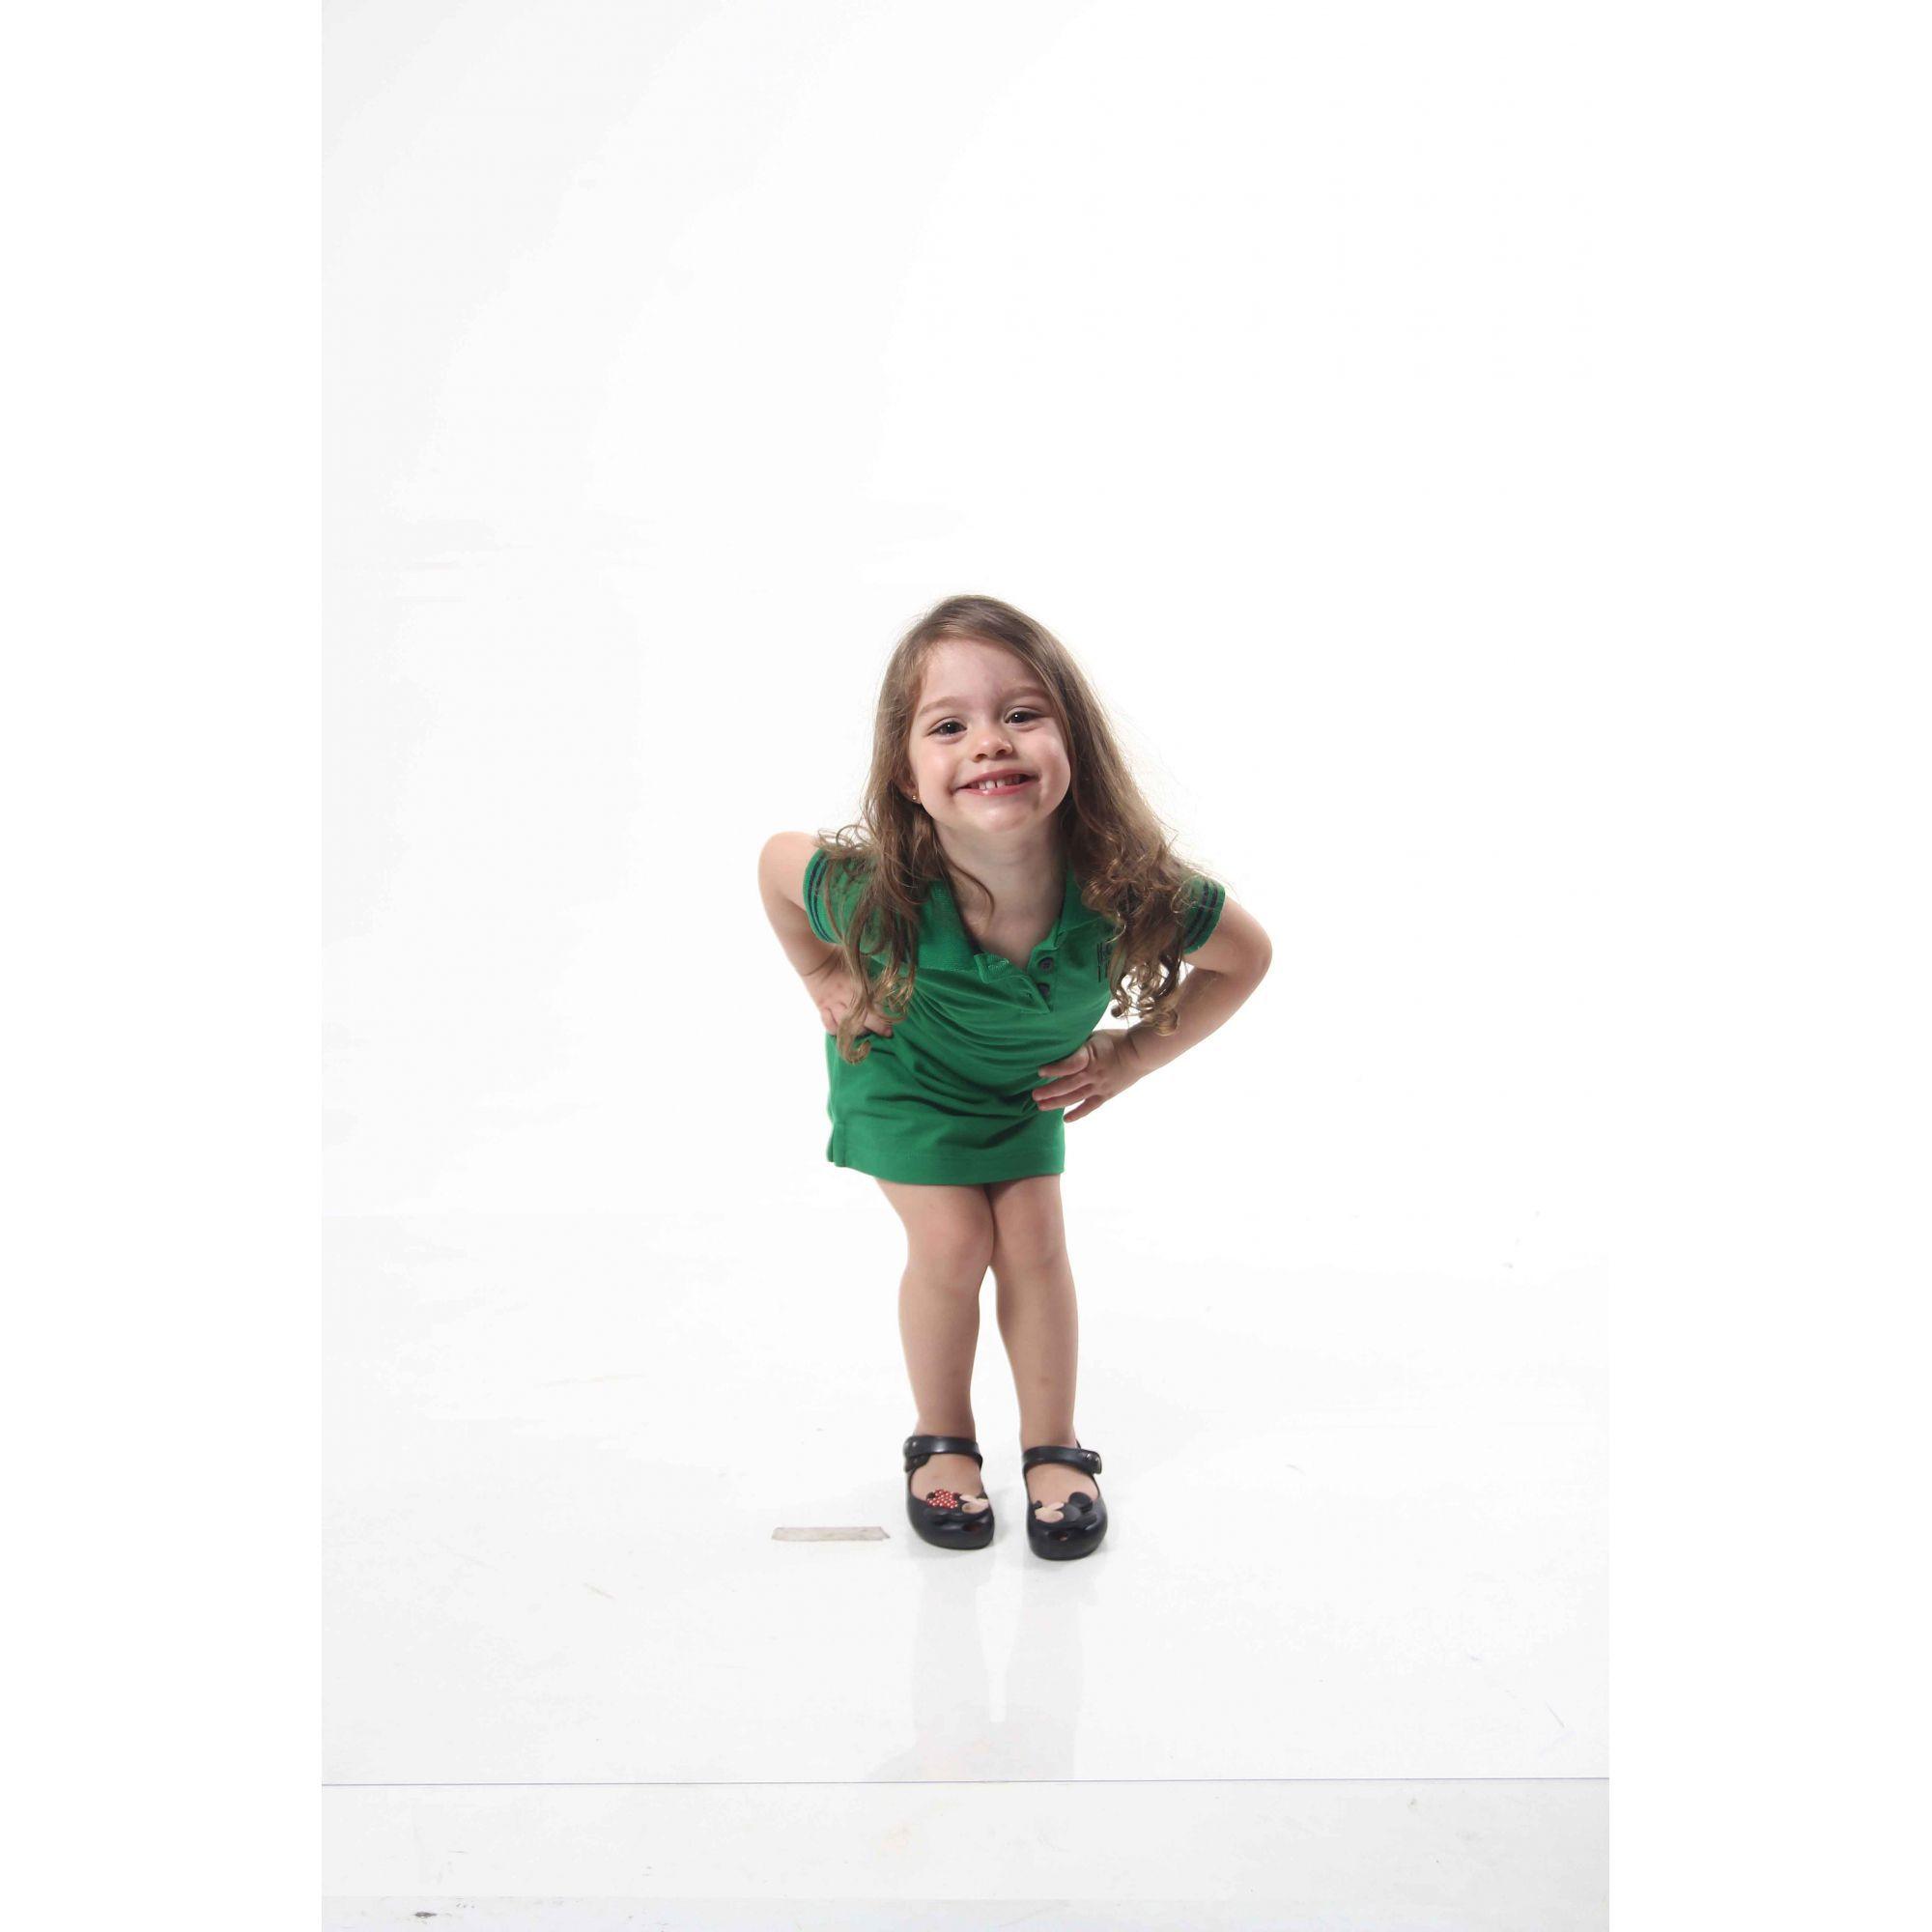 PAIS E FILHOS > Kit 3 peças Vestidos  Polo e Camisa Verde Esperança [Coleção Família]  - Heitor Fashion Brazil